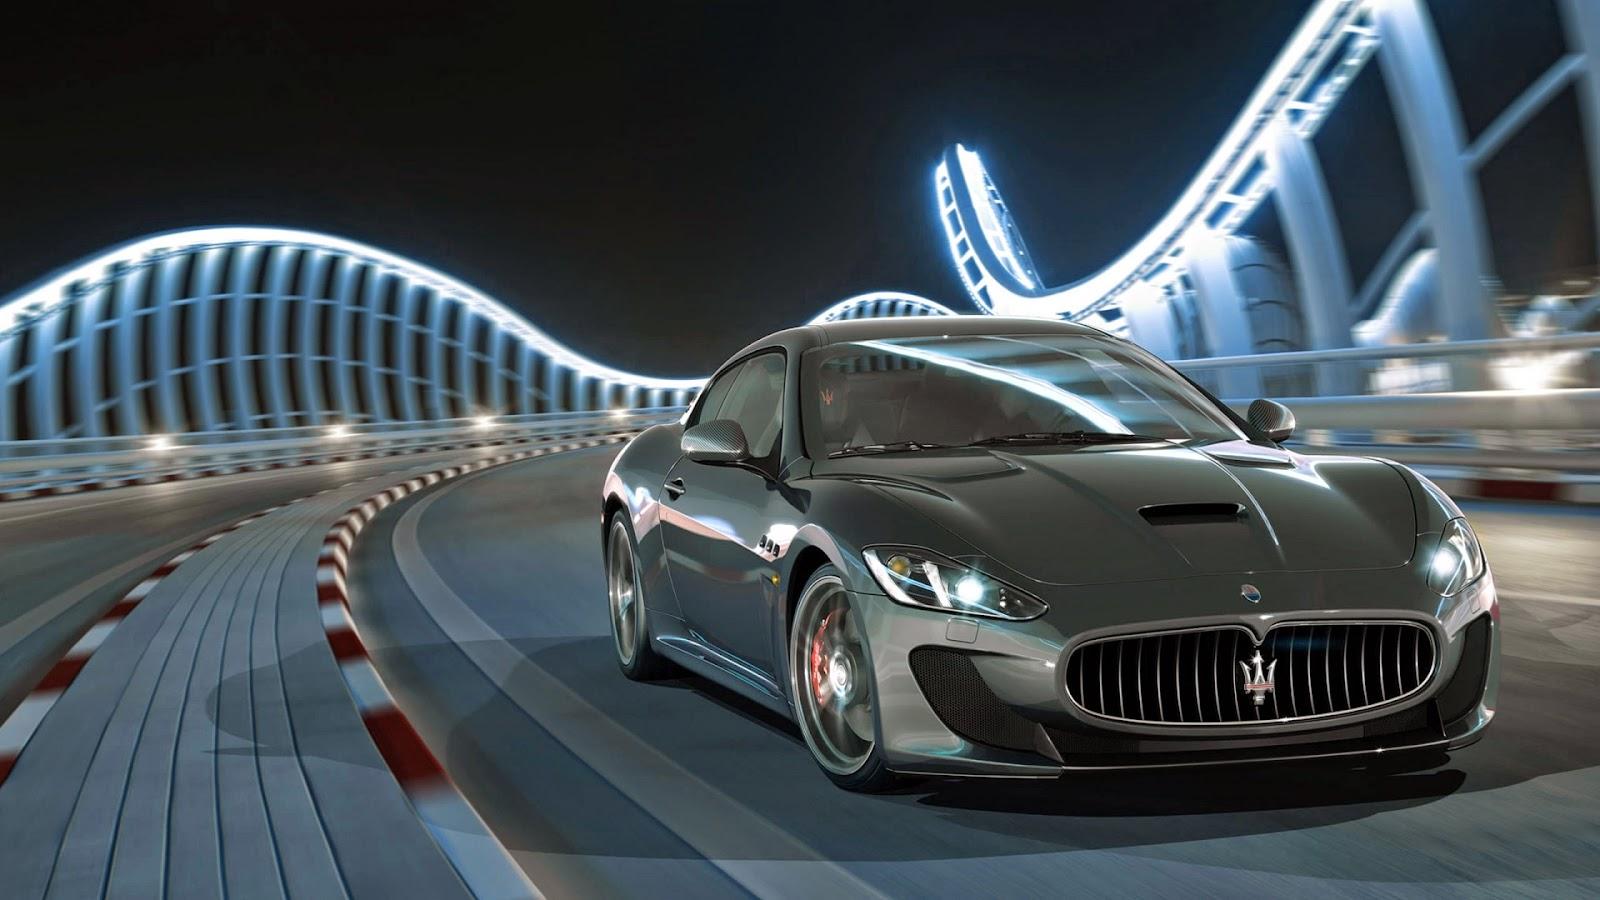 3d Car Hd Desktop Wallpaper Widescreen High Definition